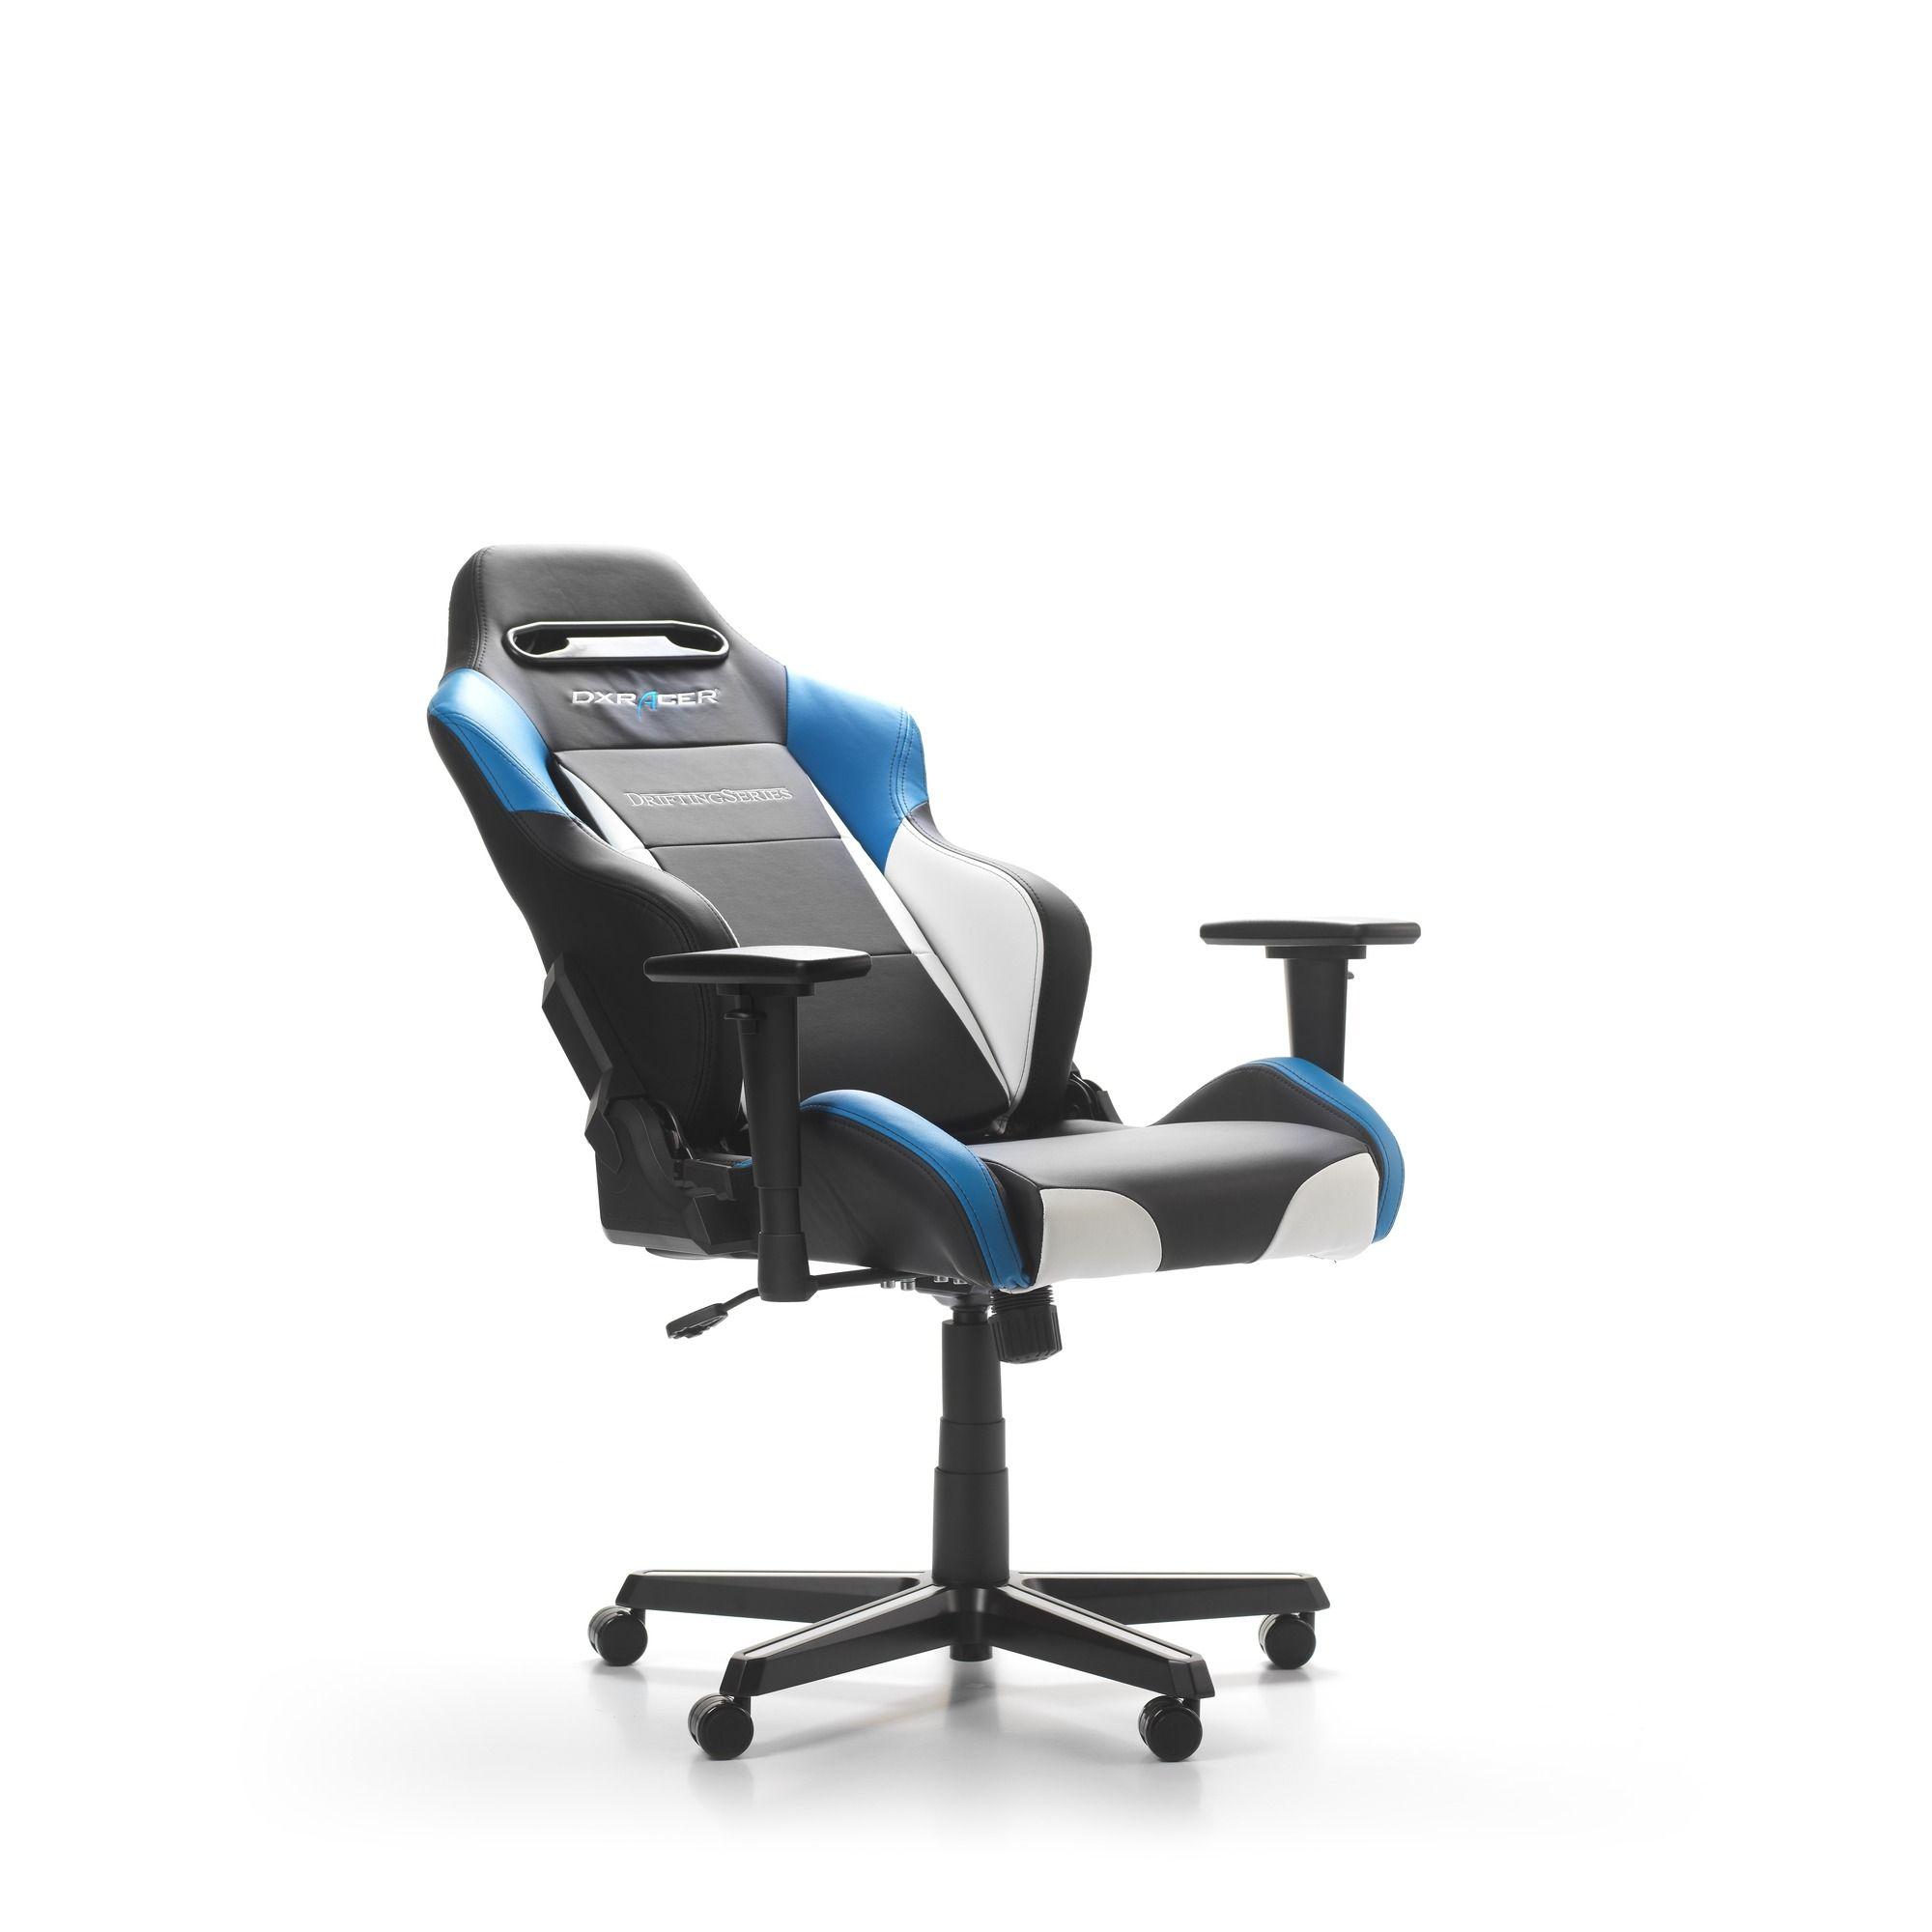 Геймърски стол DXRacer - серия DRIFTING, черен/бял/син - OH/DM61/NWB - 5